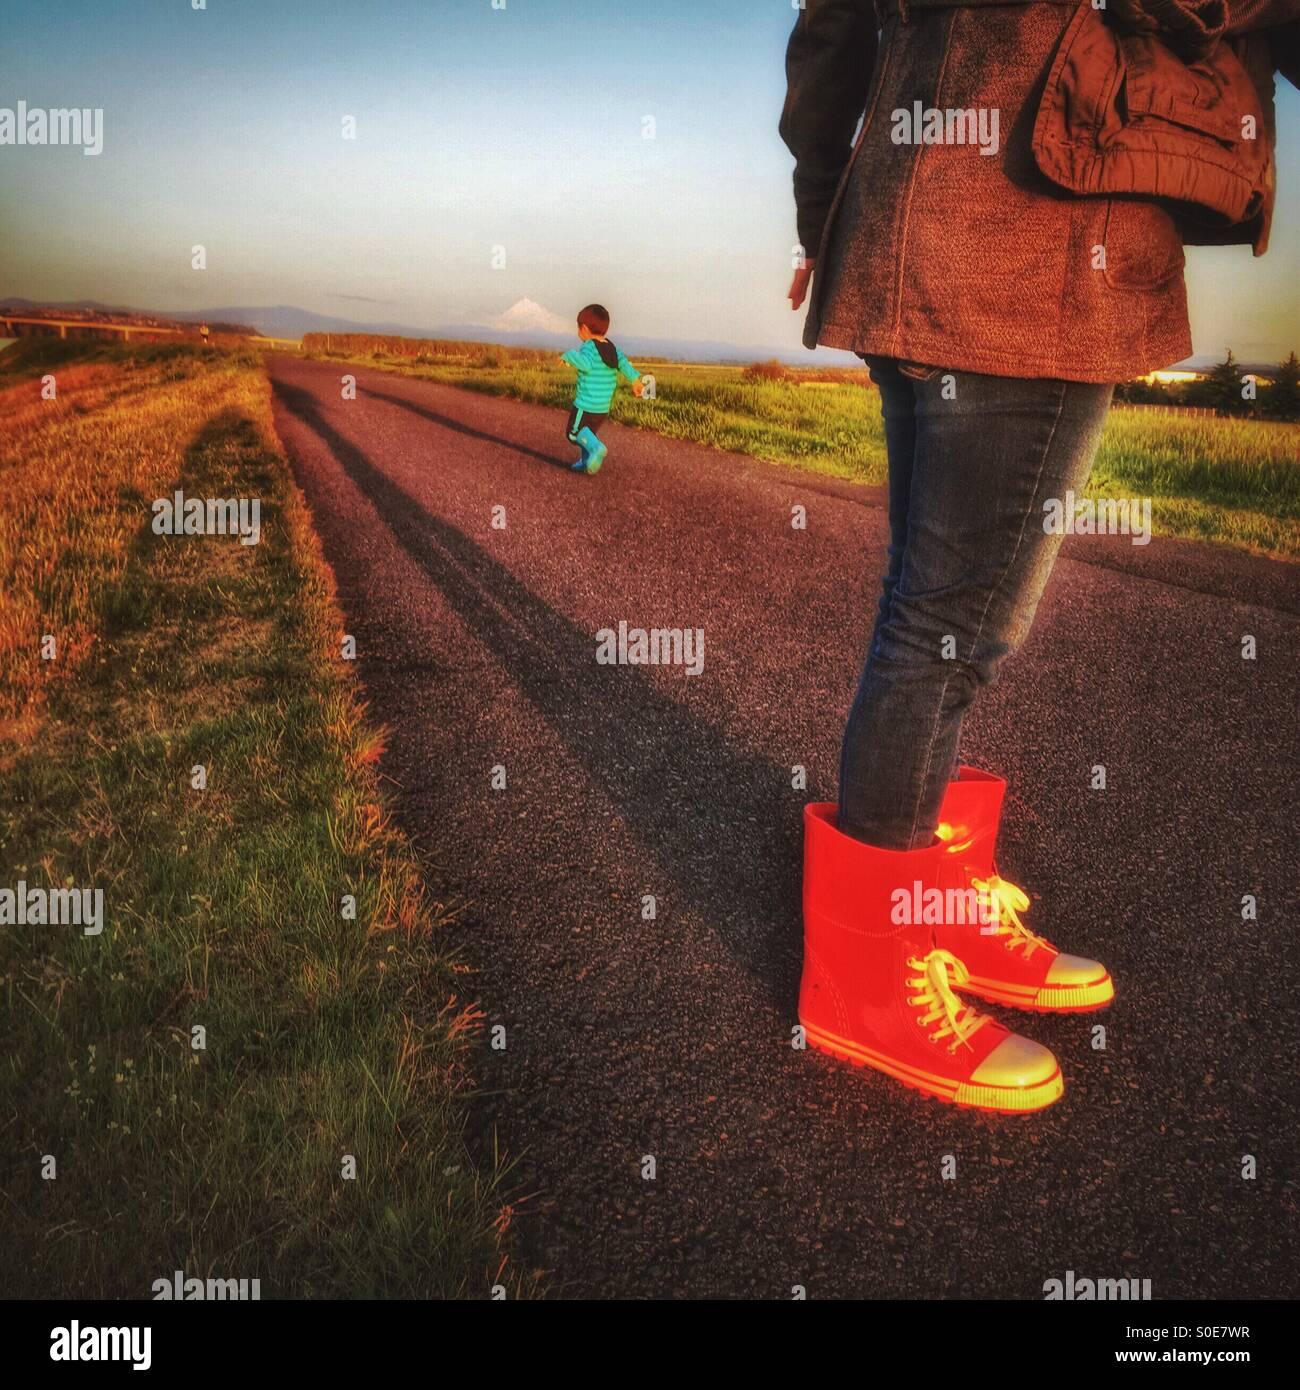 Una mamá usando botas rojas relojes mientras su niño huye de la ruta en la tarde. Imagen De Stock